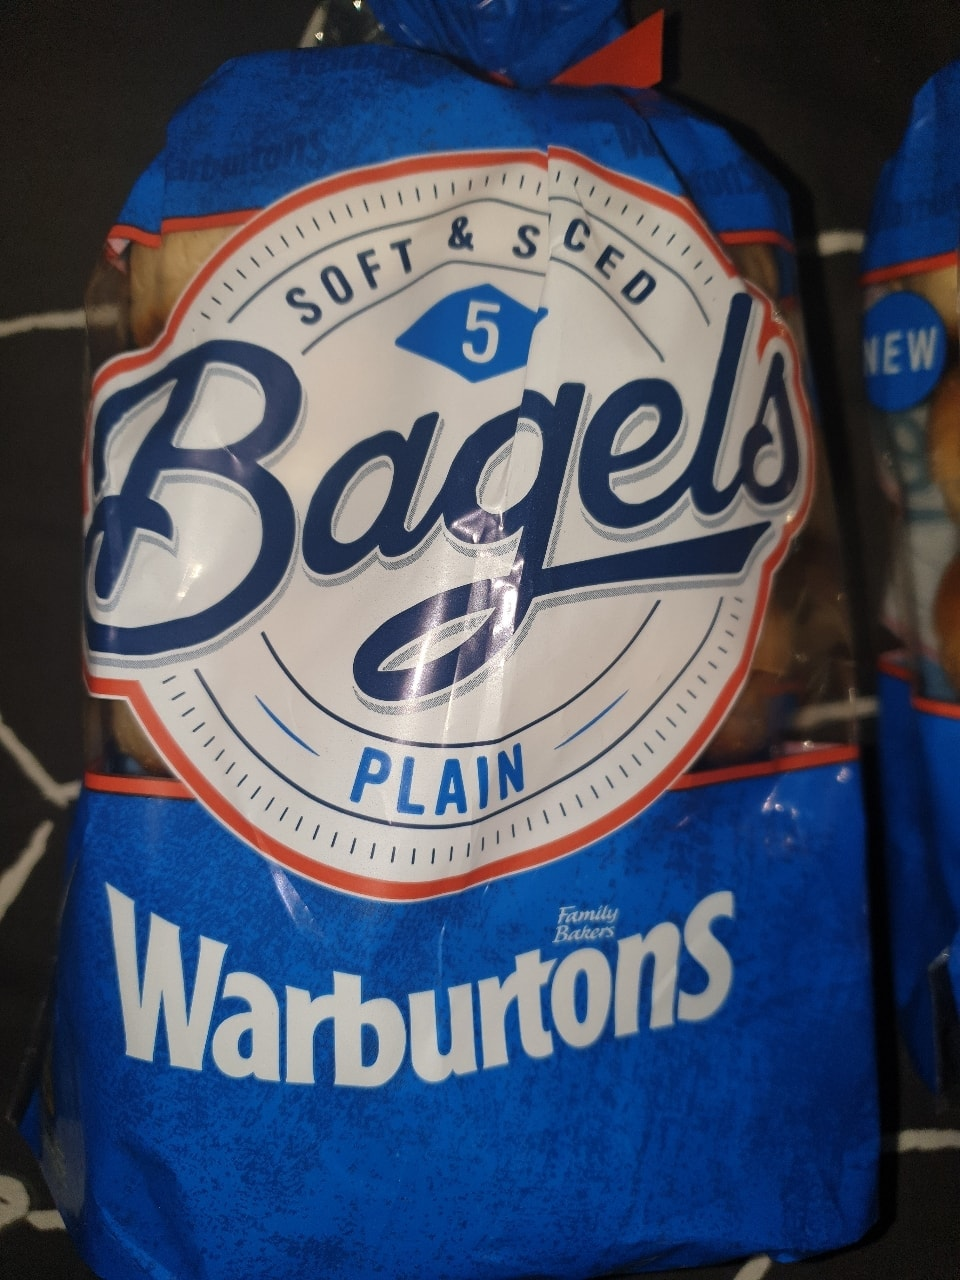 Bagels plain